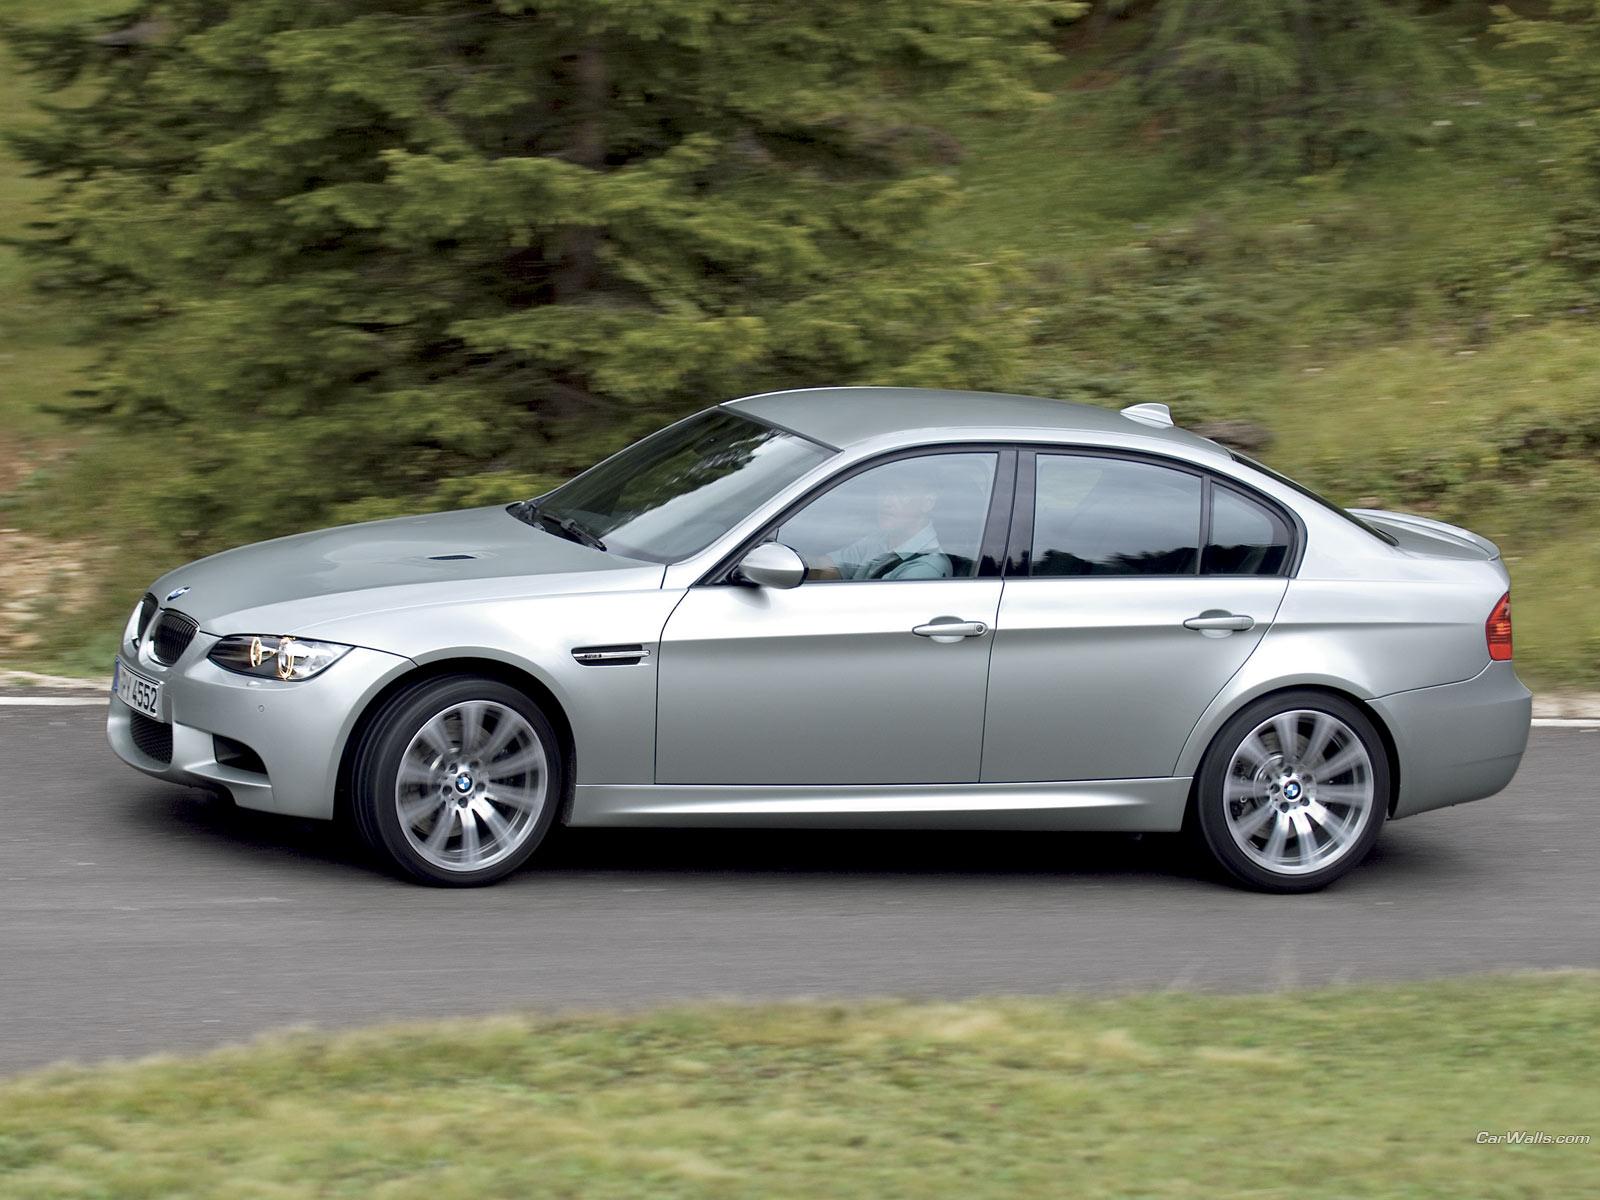 BMW M3 Sedan 1600x1200 b146 - Tapety na pulpit - samochody sportowe, luksusowe, supersamochody